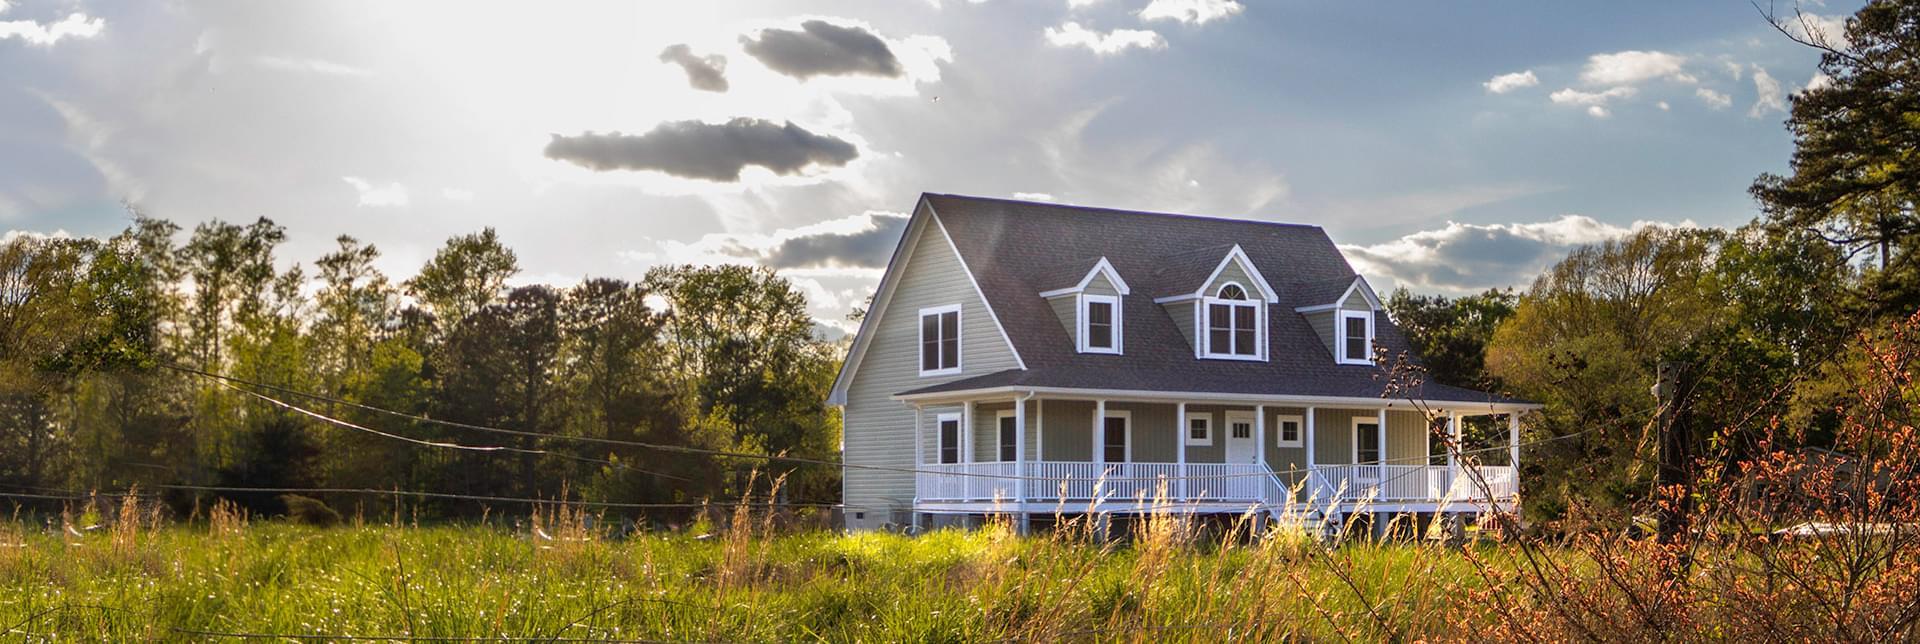 New Homes in Accomack County VA